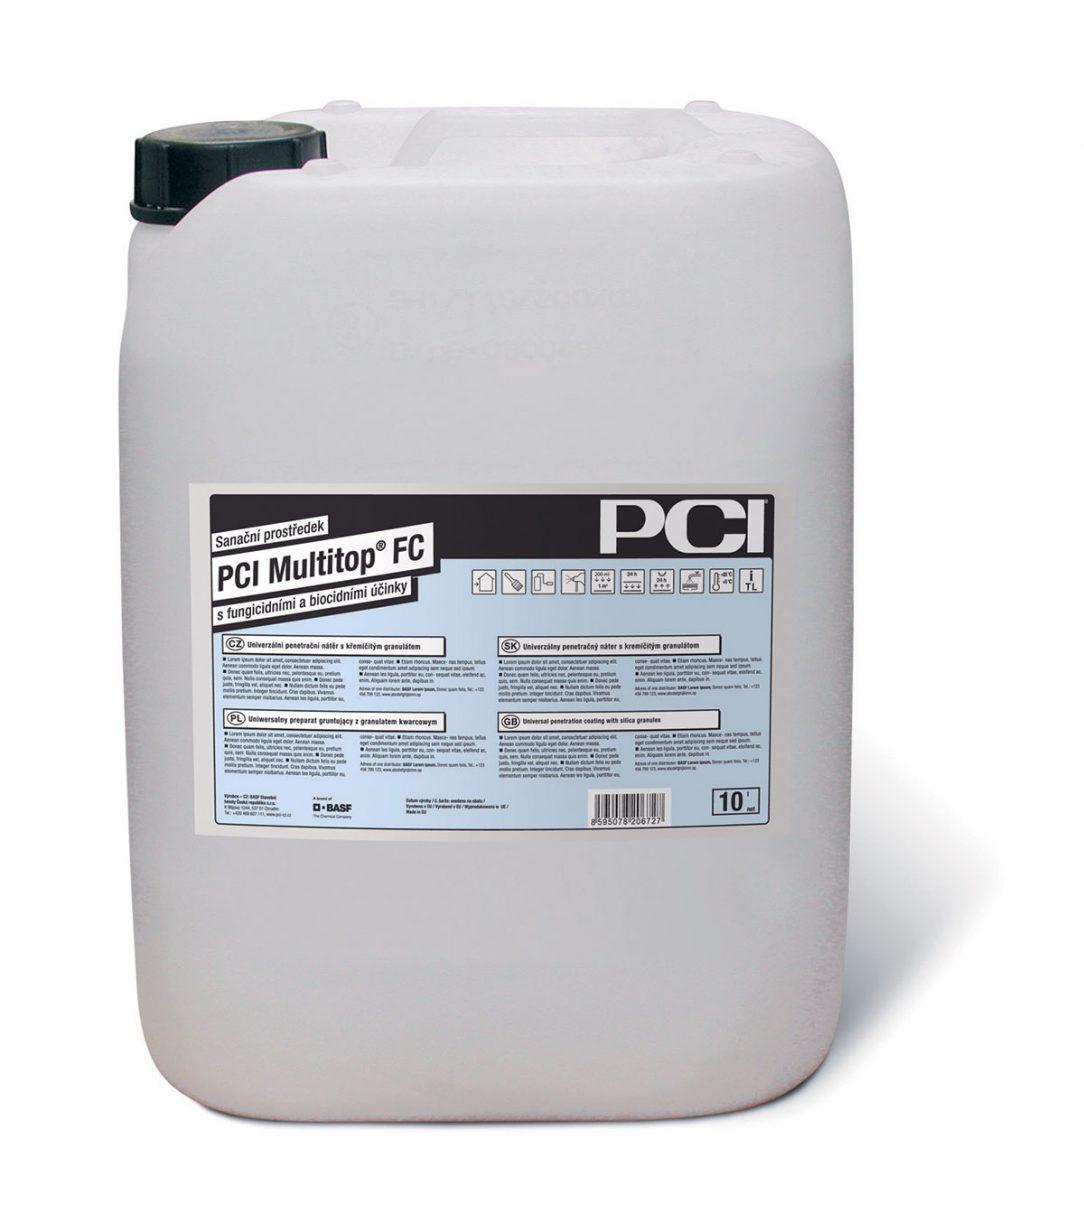 PCI Multitop® FC